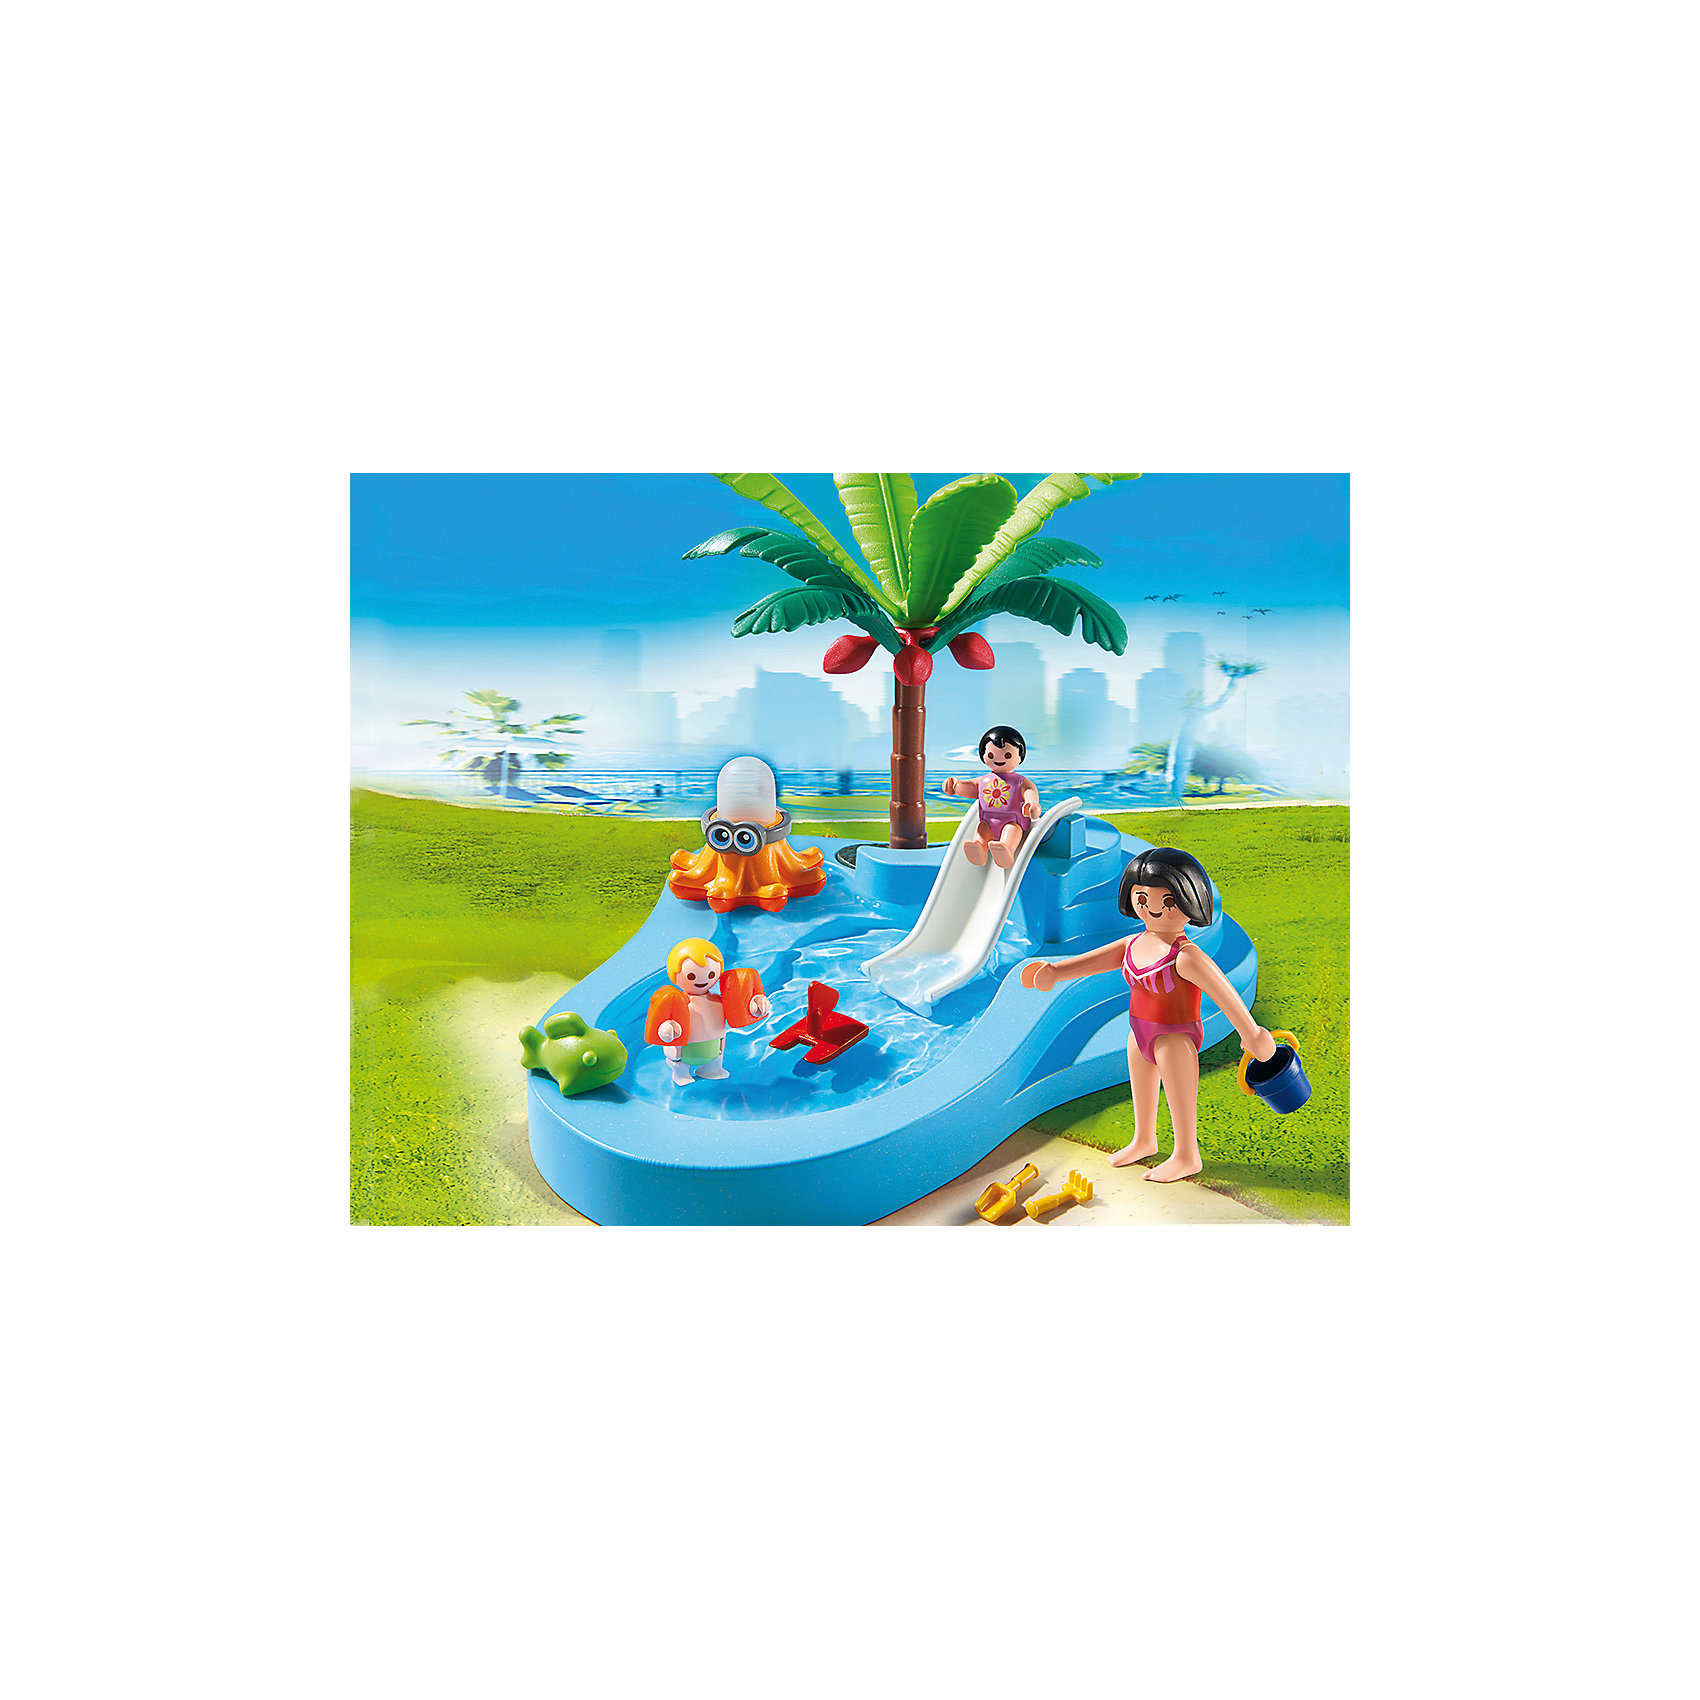 PLAYMOBIL® Аквапарк: Детский бассейн с горкой, PLAYMOBIL playmobil 5266 summer fun детский клуб с танц площадкой